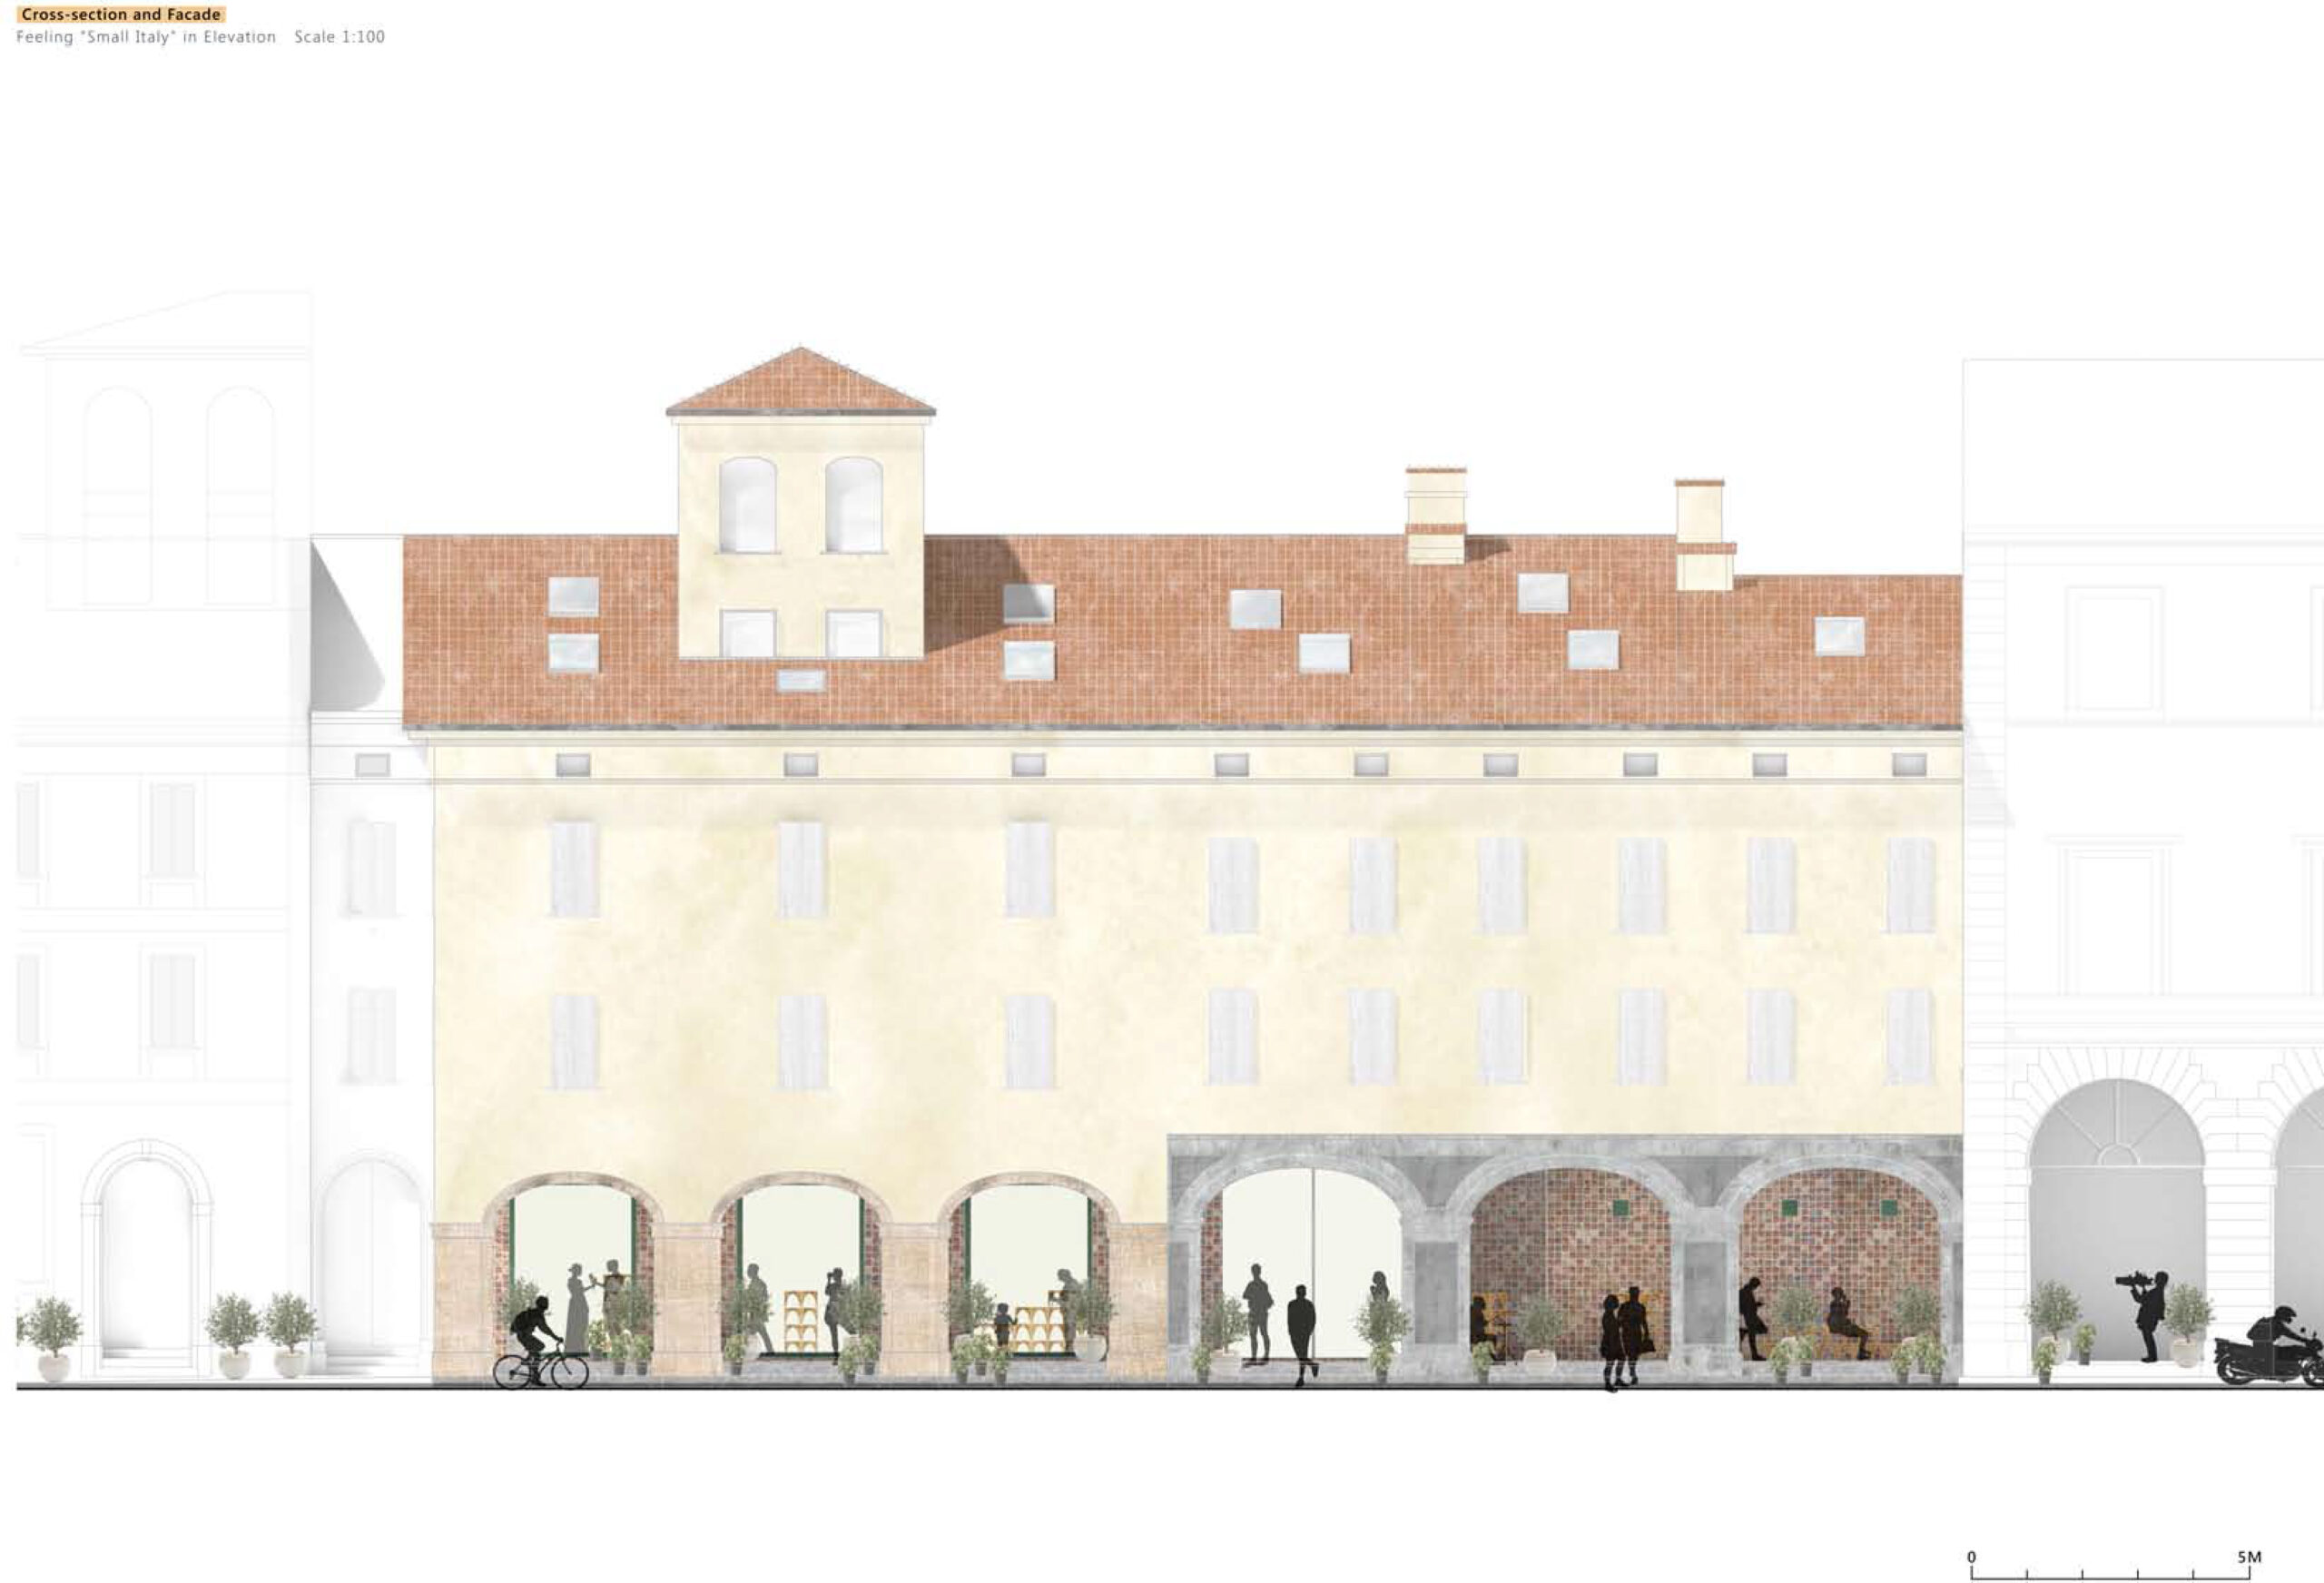 Teatro Romano di Bologna